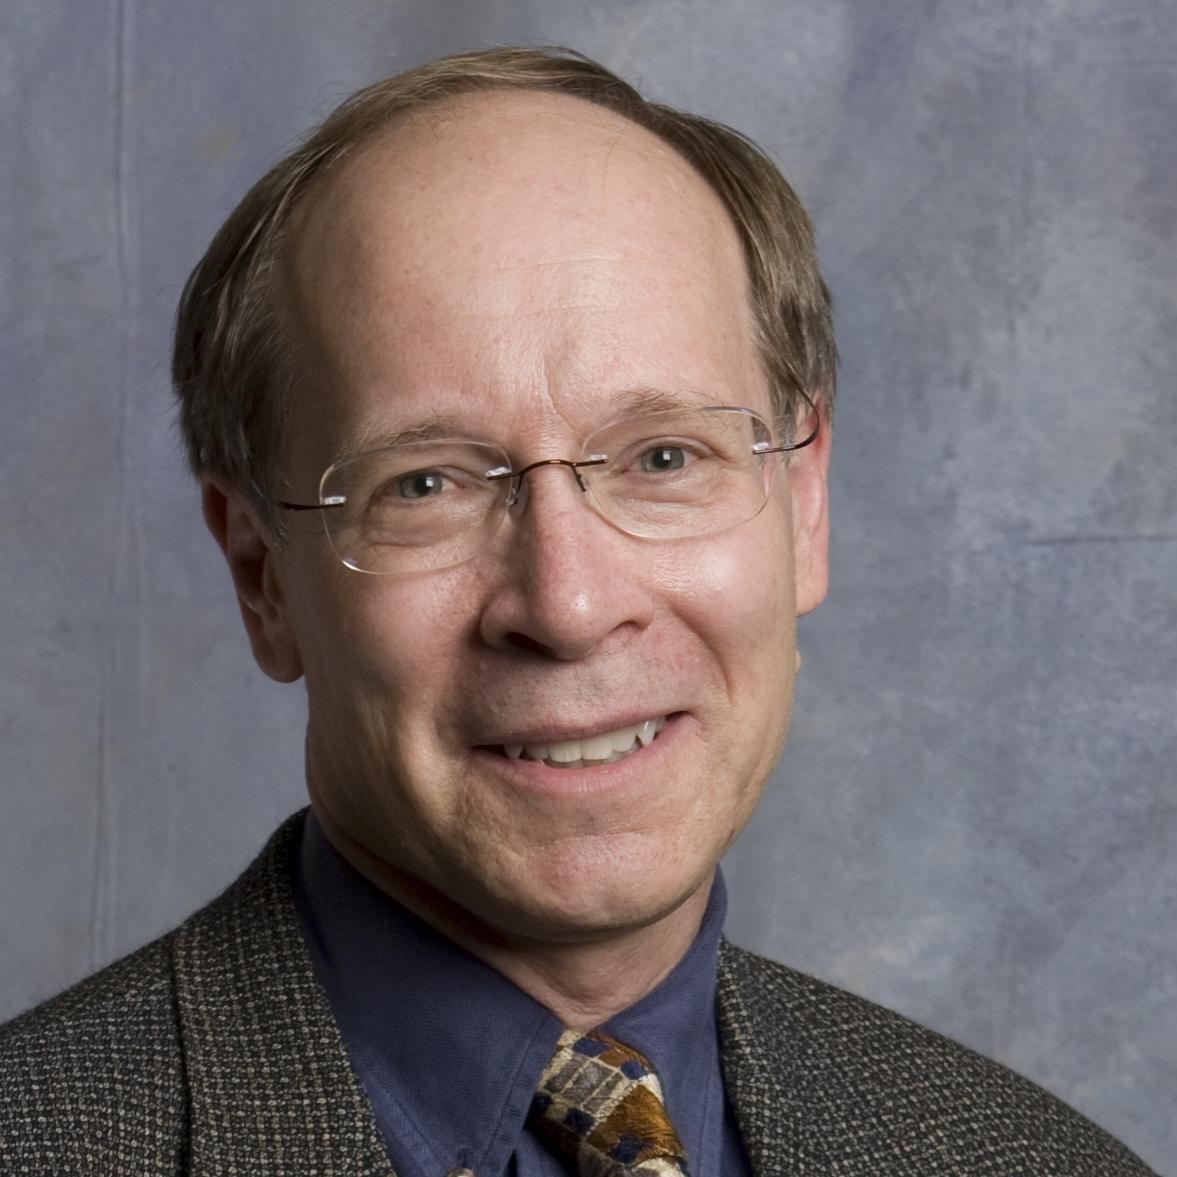 David Lesniaski